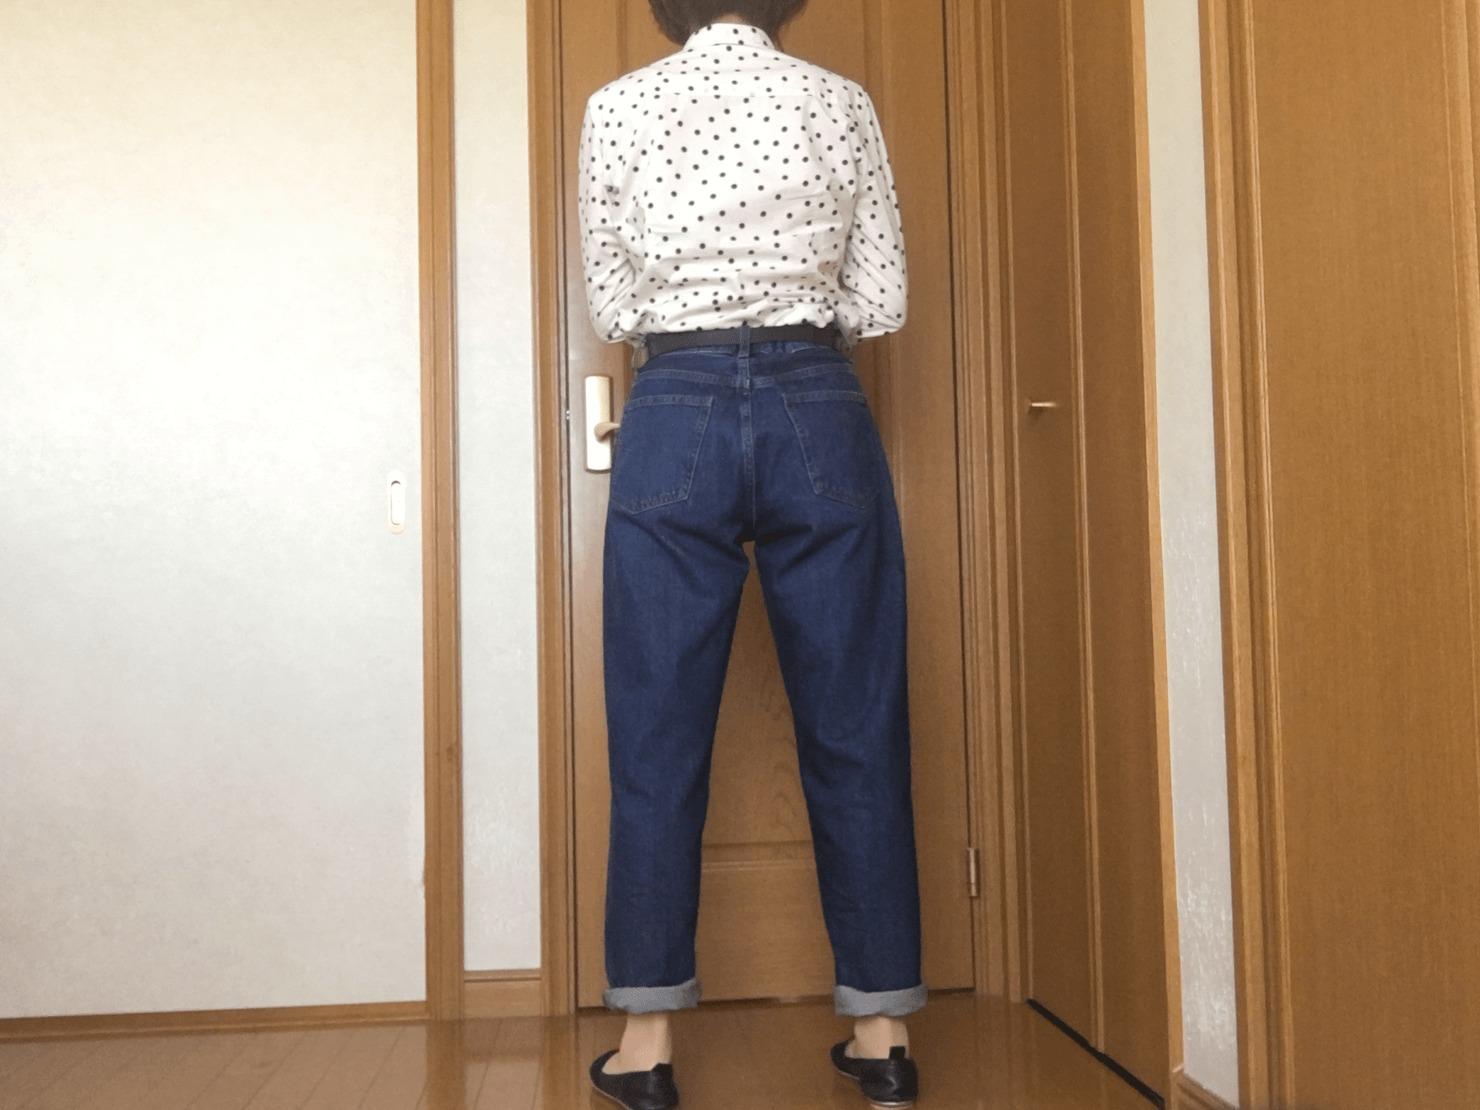 メンズのジーンズをはいた後ろ姿の写真